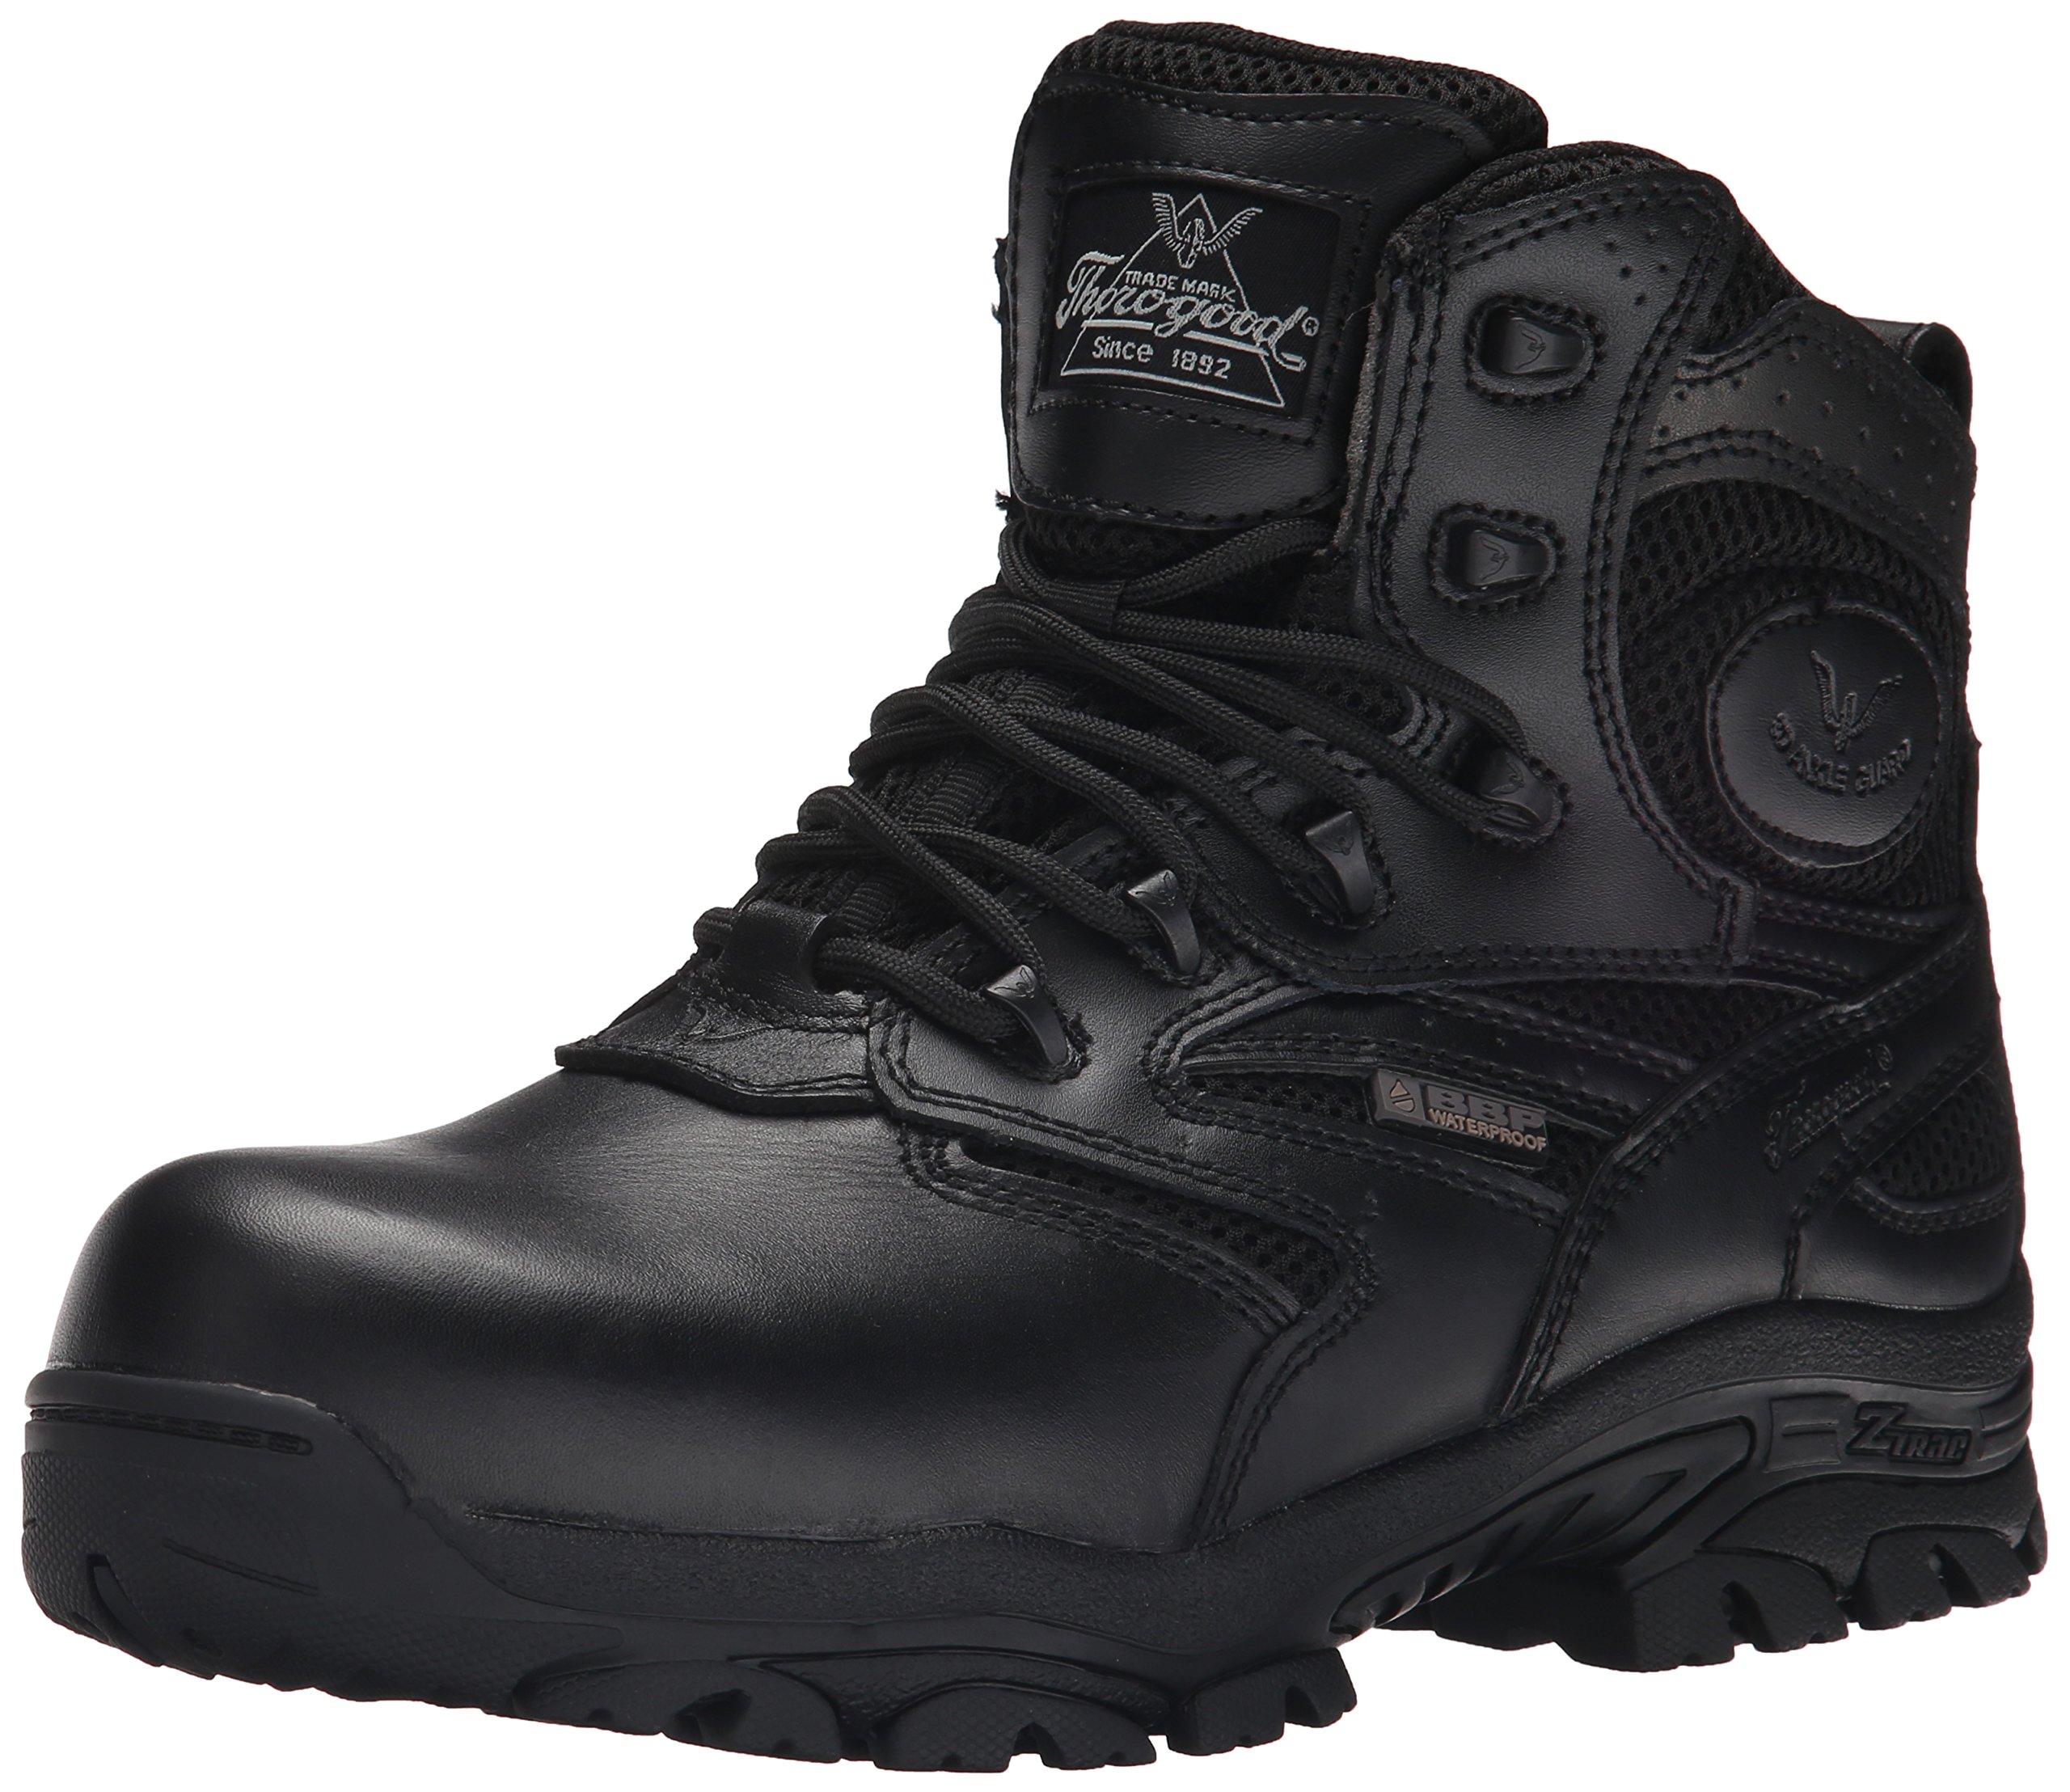 79de7650d85 Thorogood Men 6 Waterproof Side Zip Composite Toe Black Tactical ...